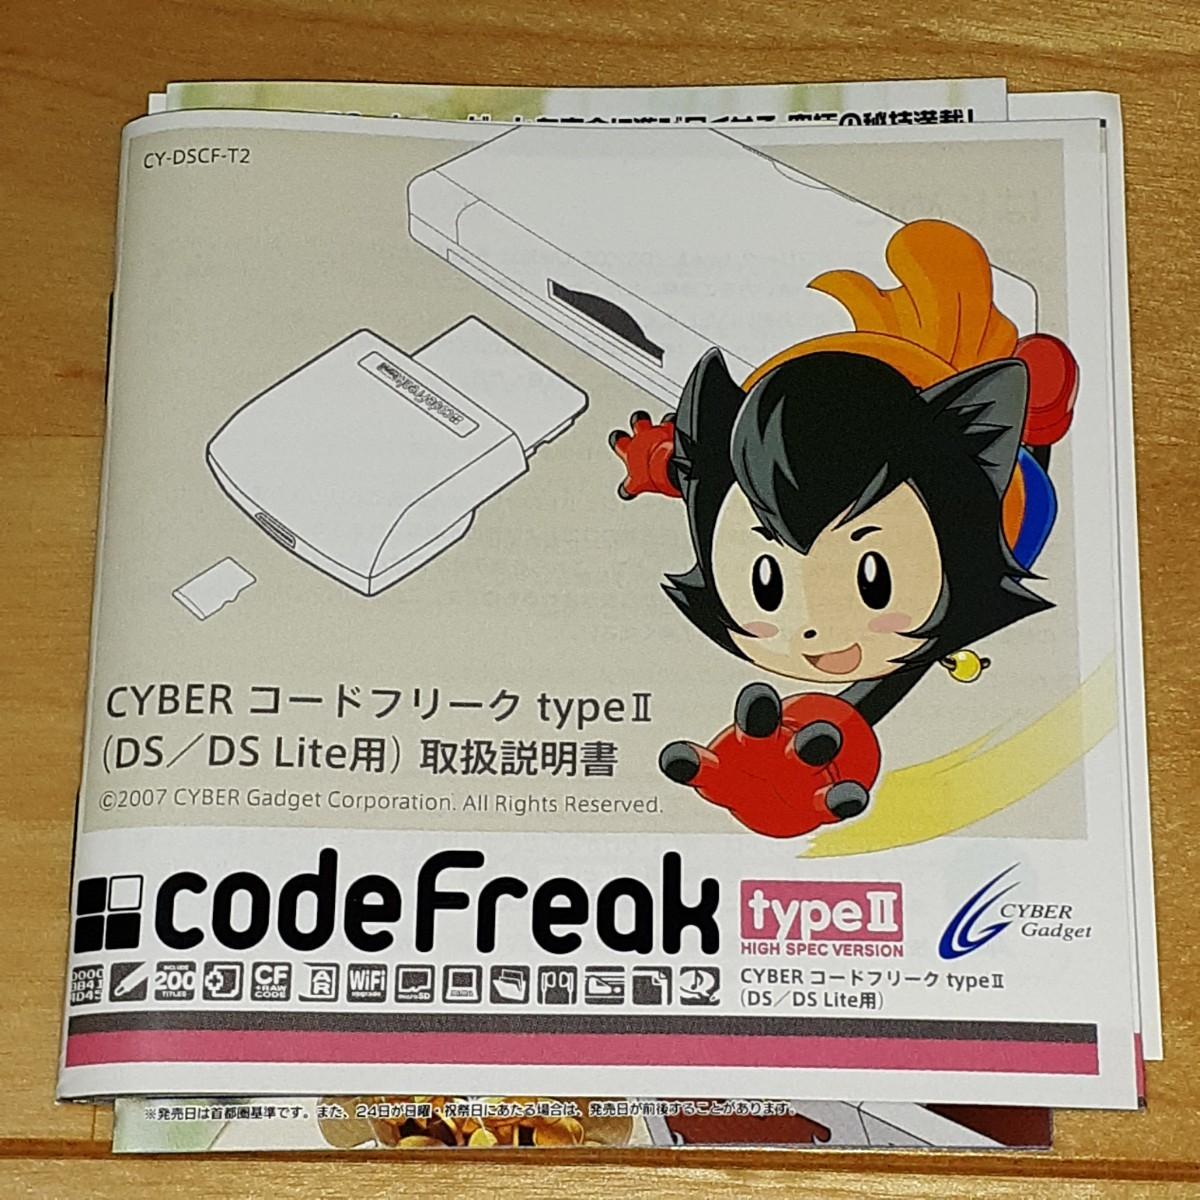 コードフリーク type2